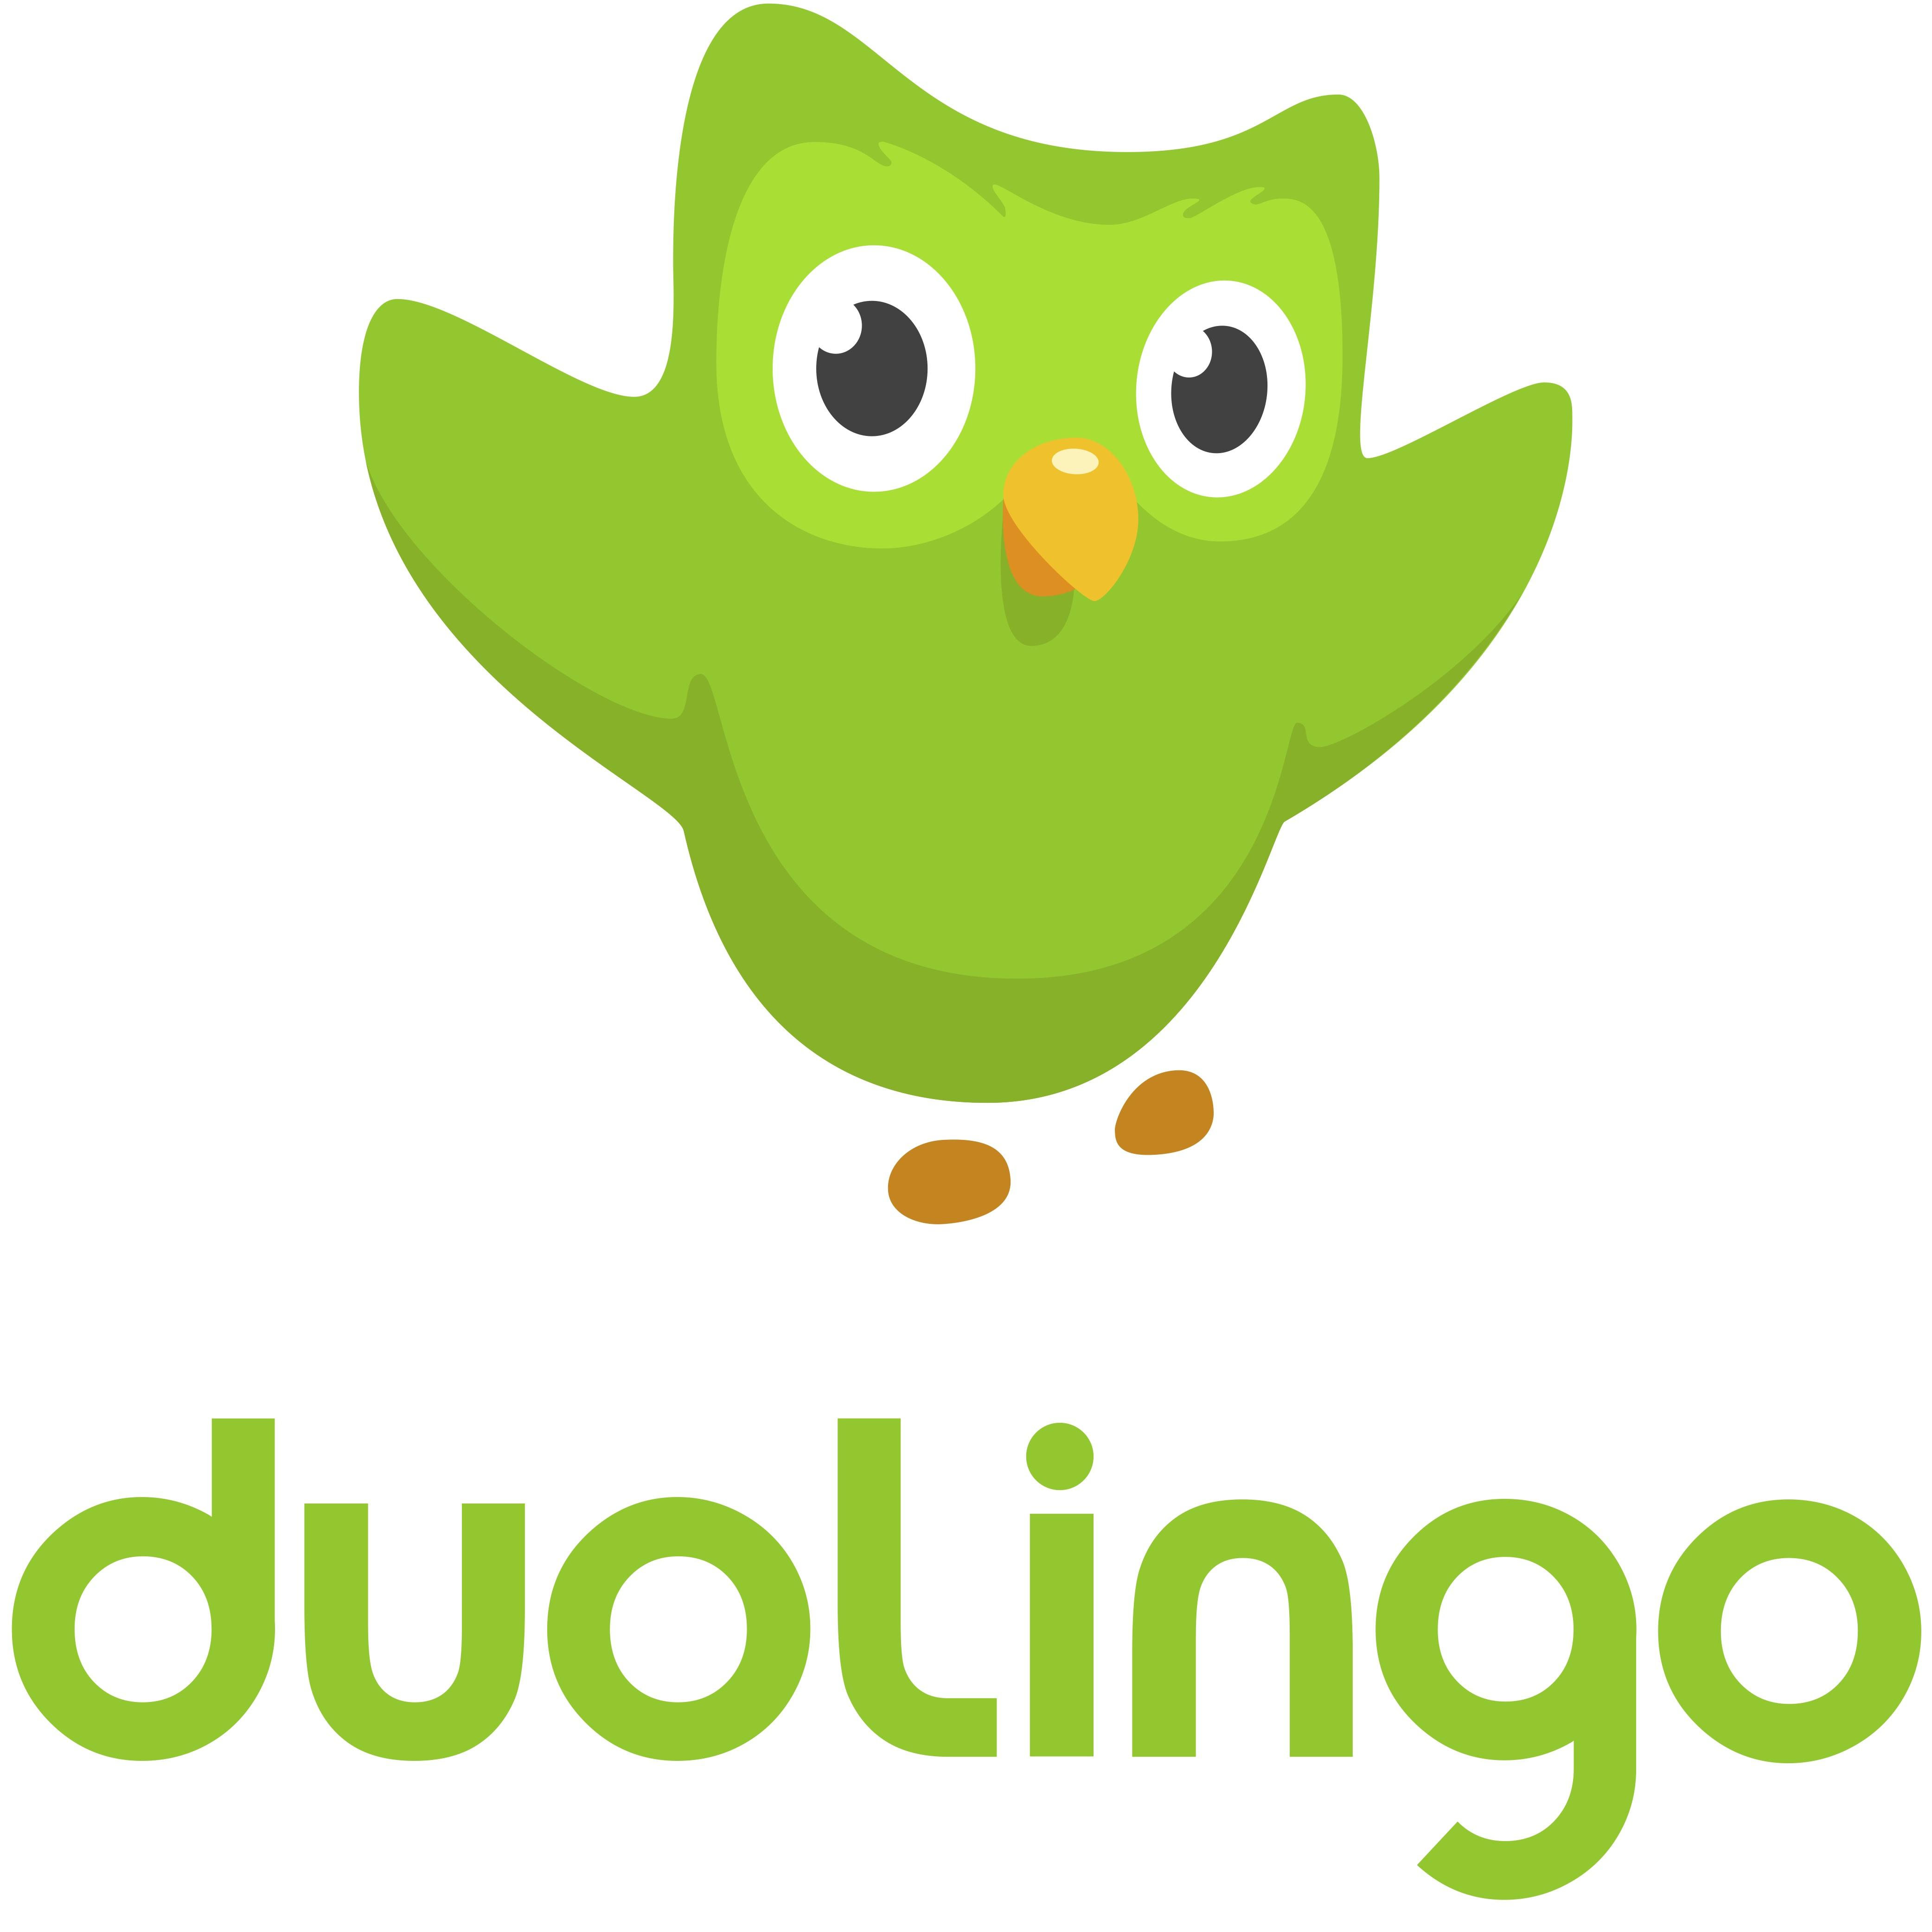 duolingo_logo_highres